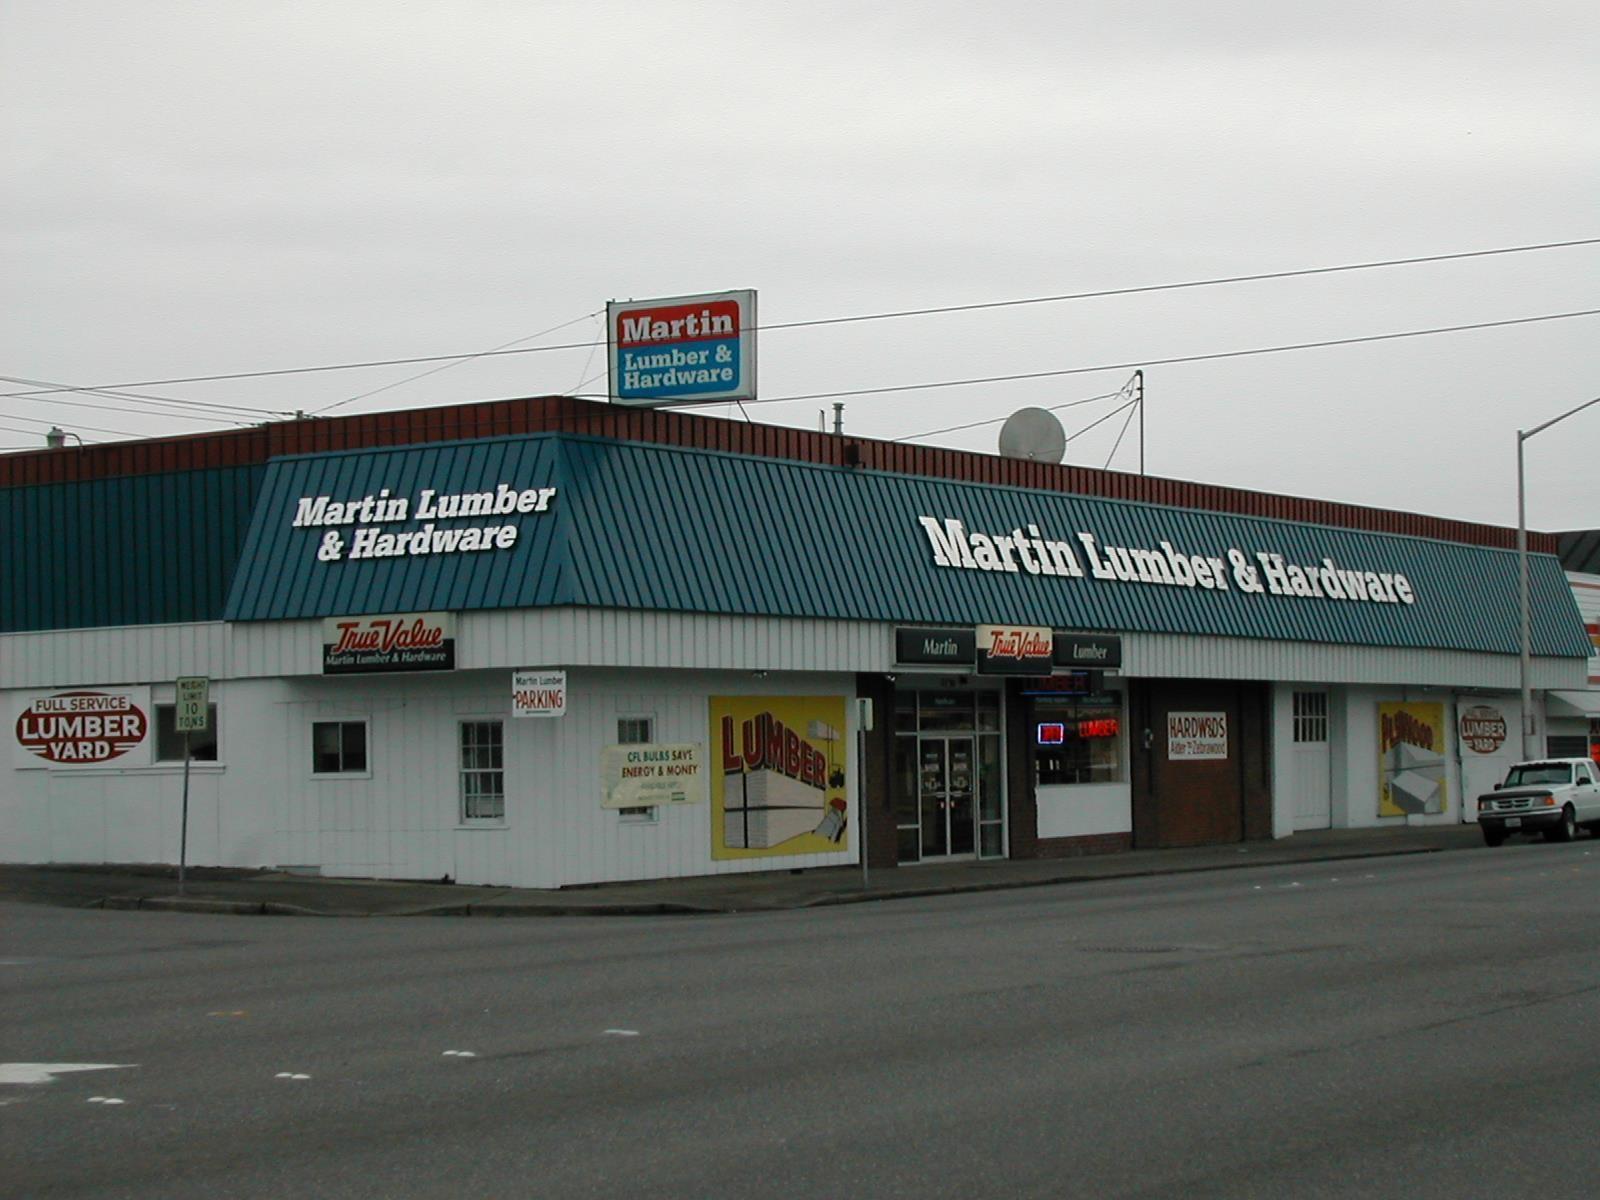 Martin Lumber & Hardware image 2